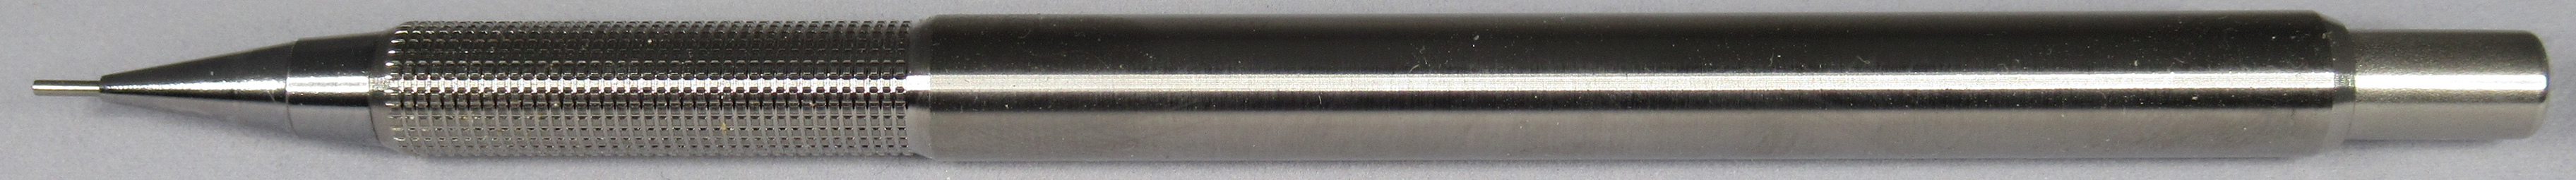 z1163 - NUMBER9-QSC-TT - 255